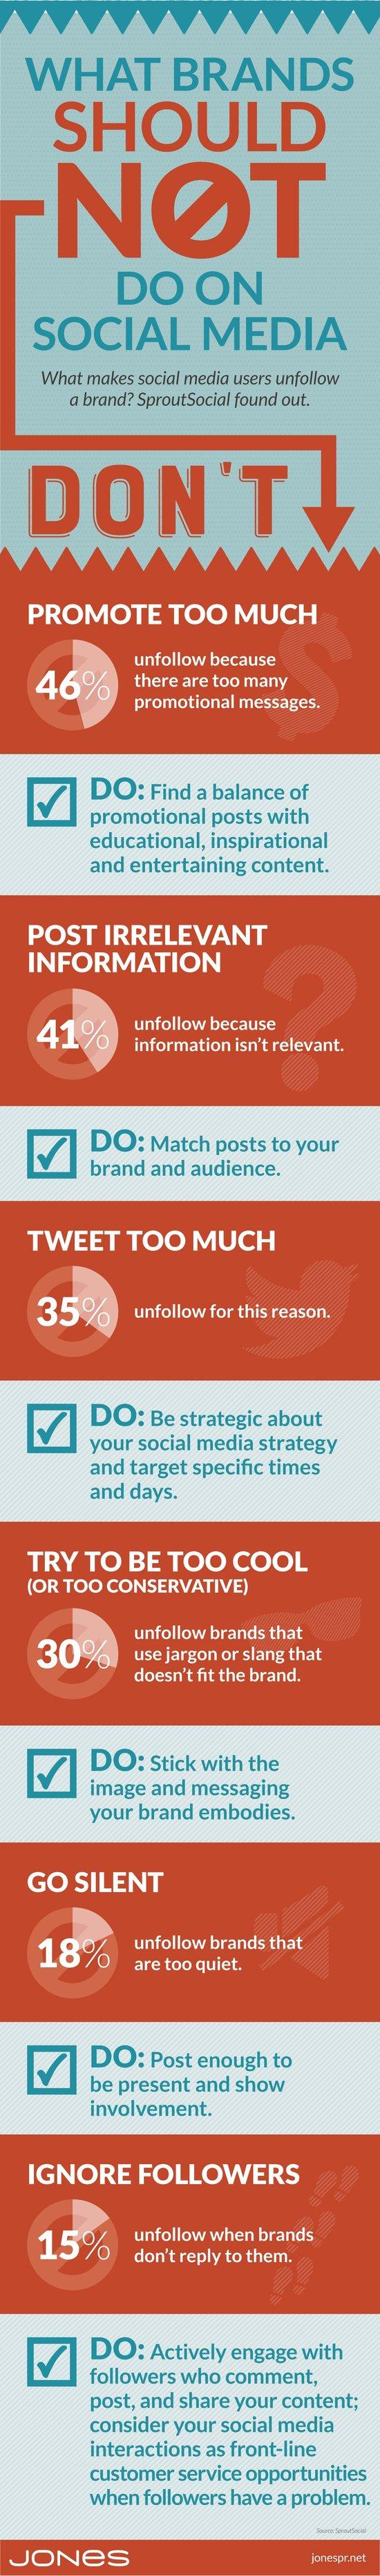 JONES-infographic-social-media-donts.jpg